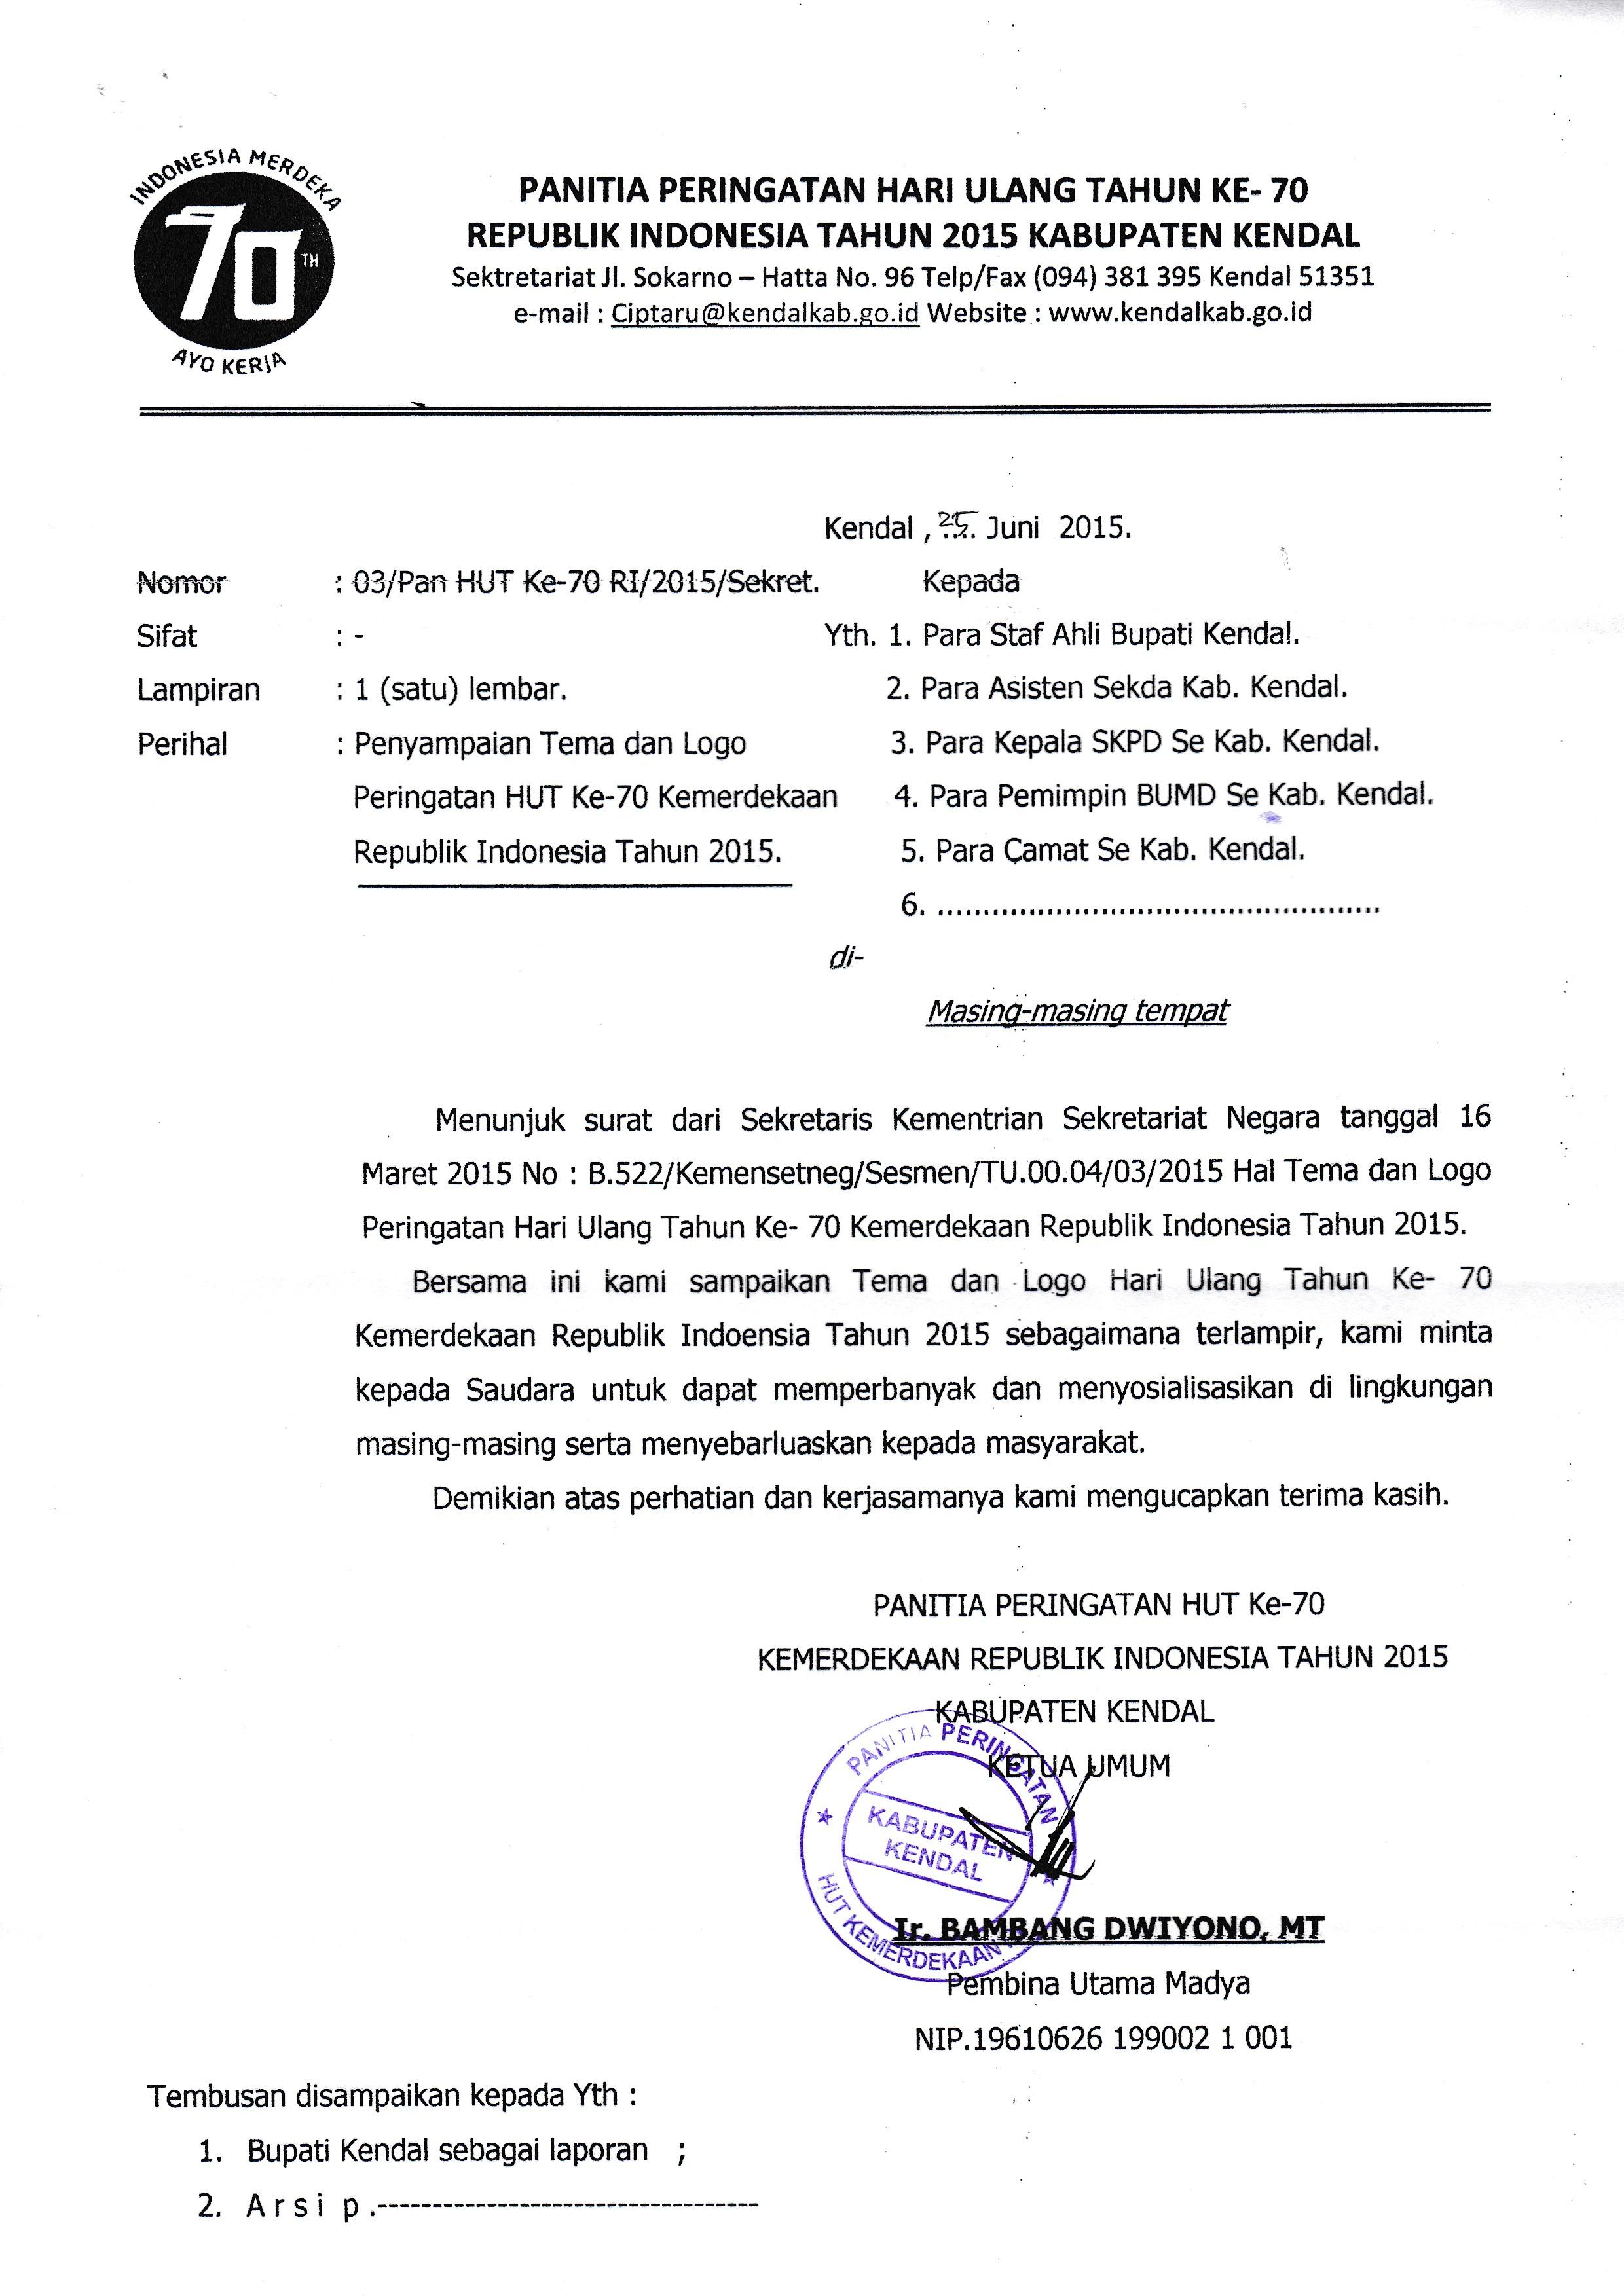 Surat Pemberitahuan Lomba 17 Agustus Kabar Dd